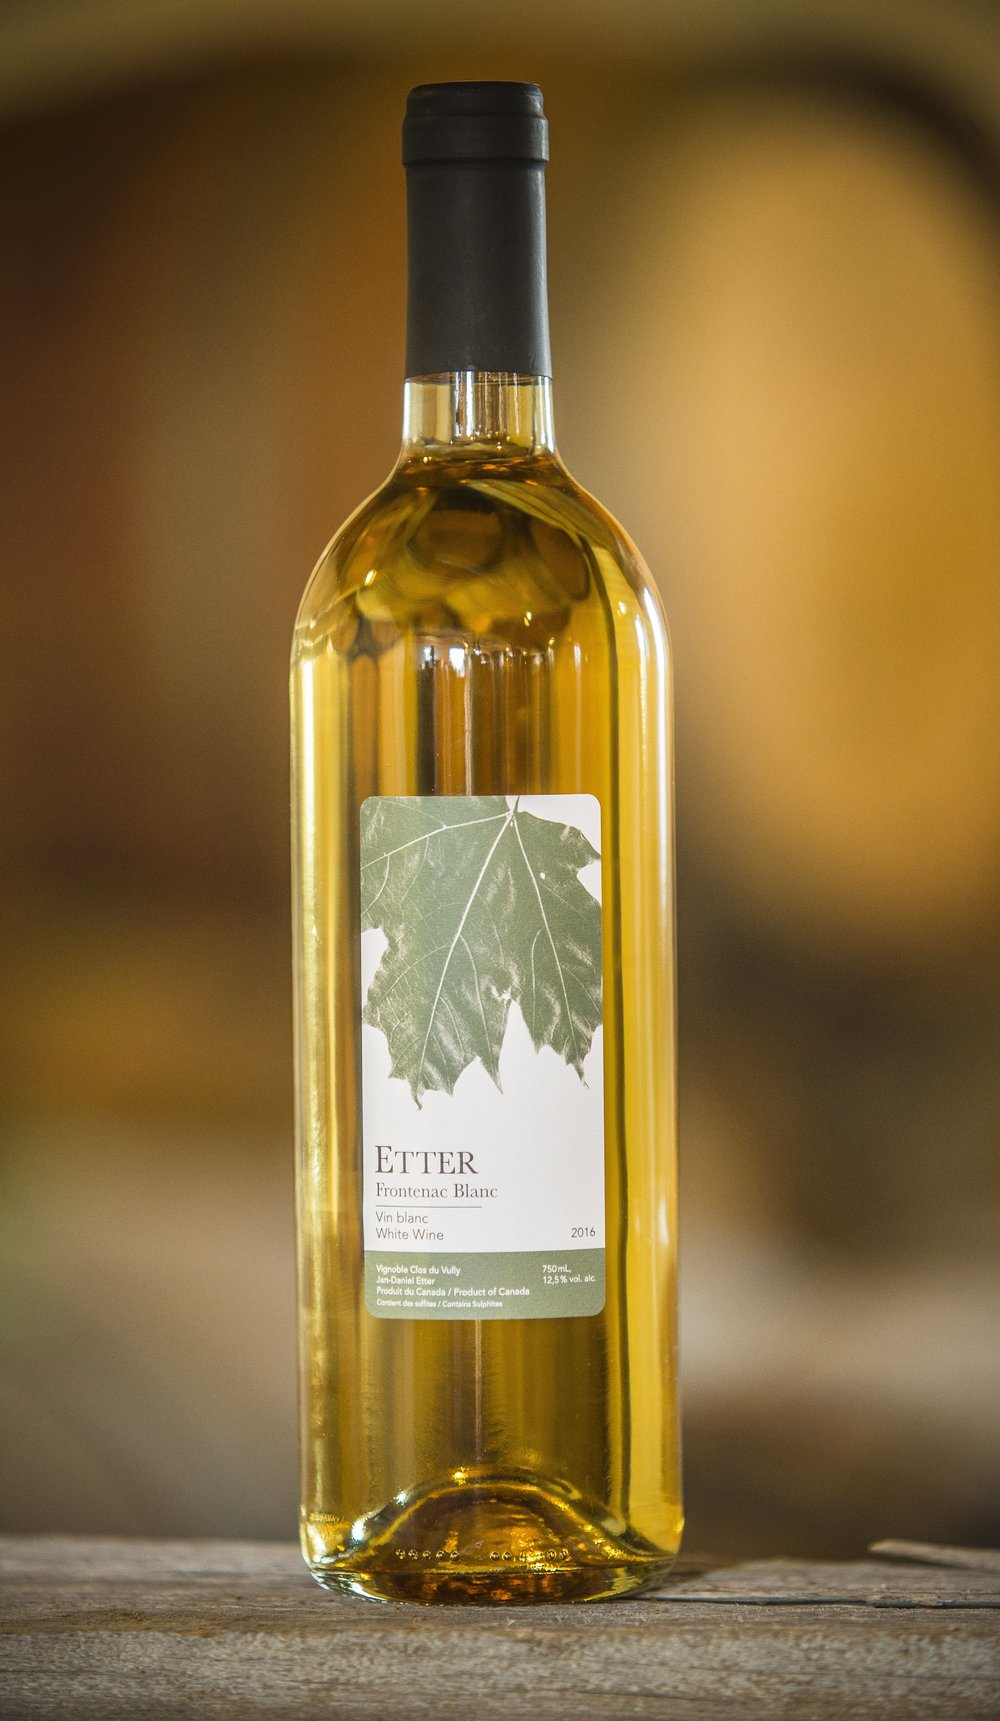 Fontenac Blanc - · 90% raisins du vignoble Frontenac Blanc et Frontenac Gris· 10% Riesling· Arômes de miel, ananas et poire